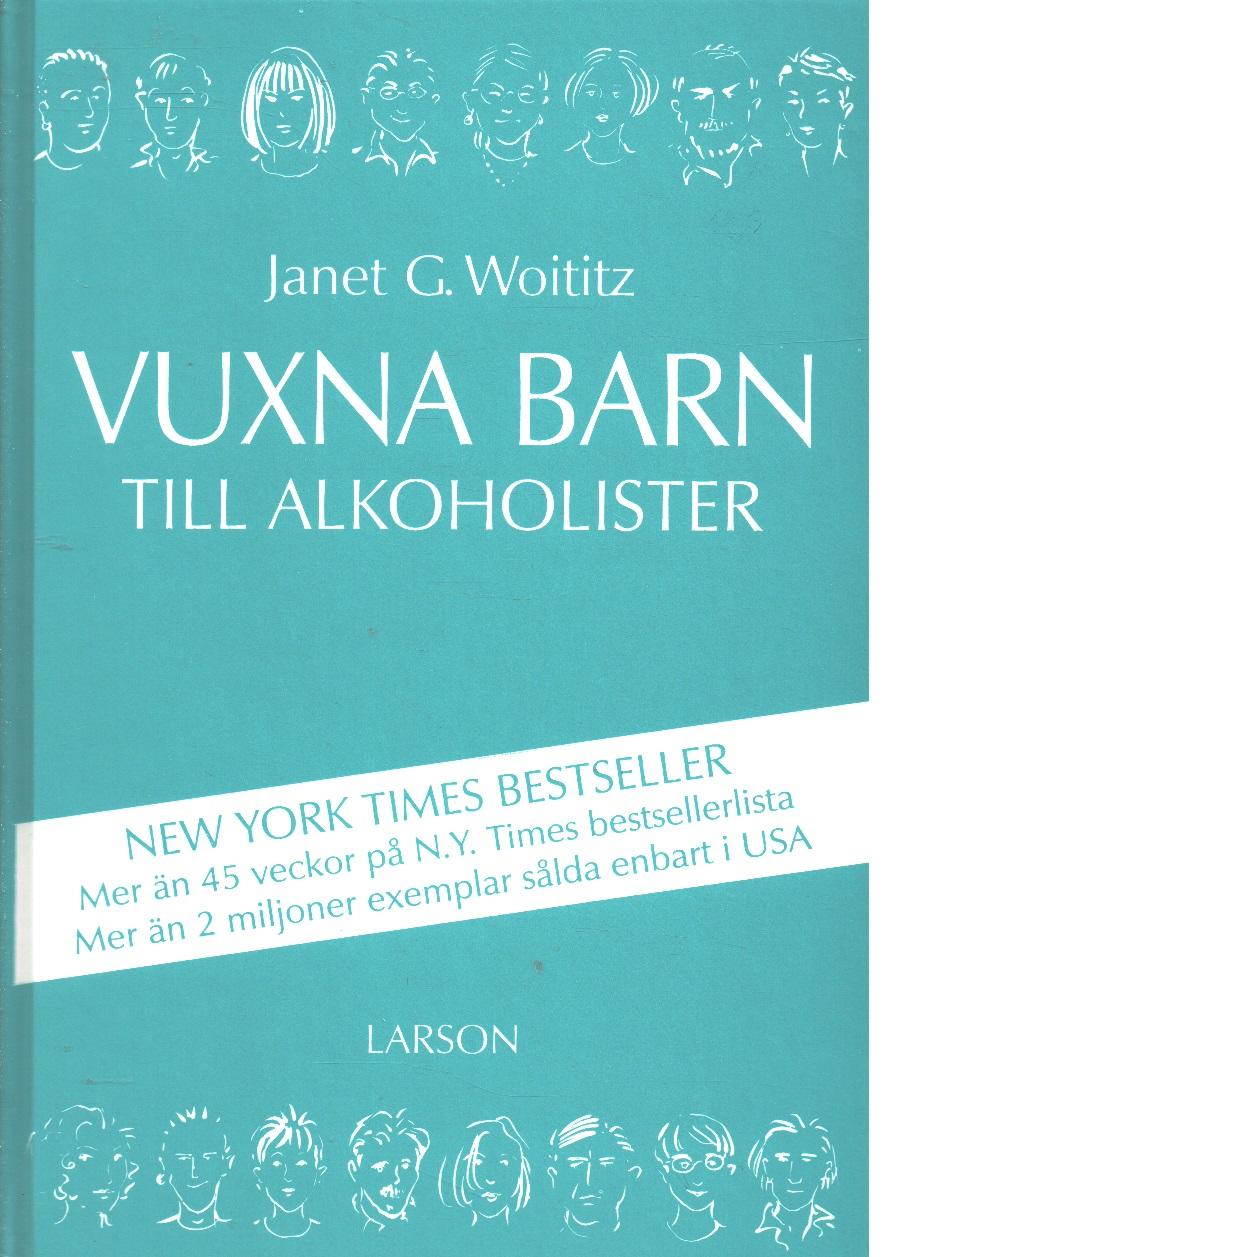 Vuxna barn till alkoholister - Woititz, Janet G.